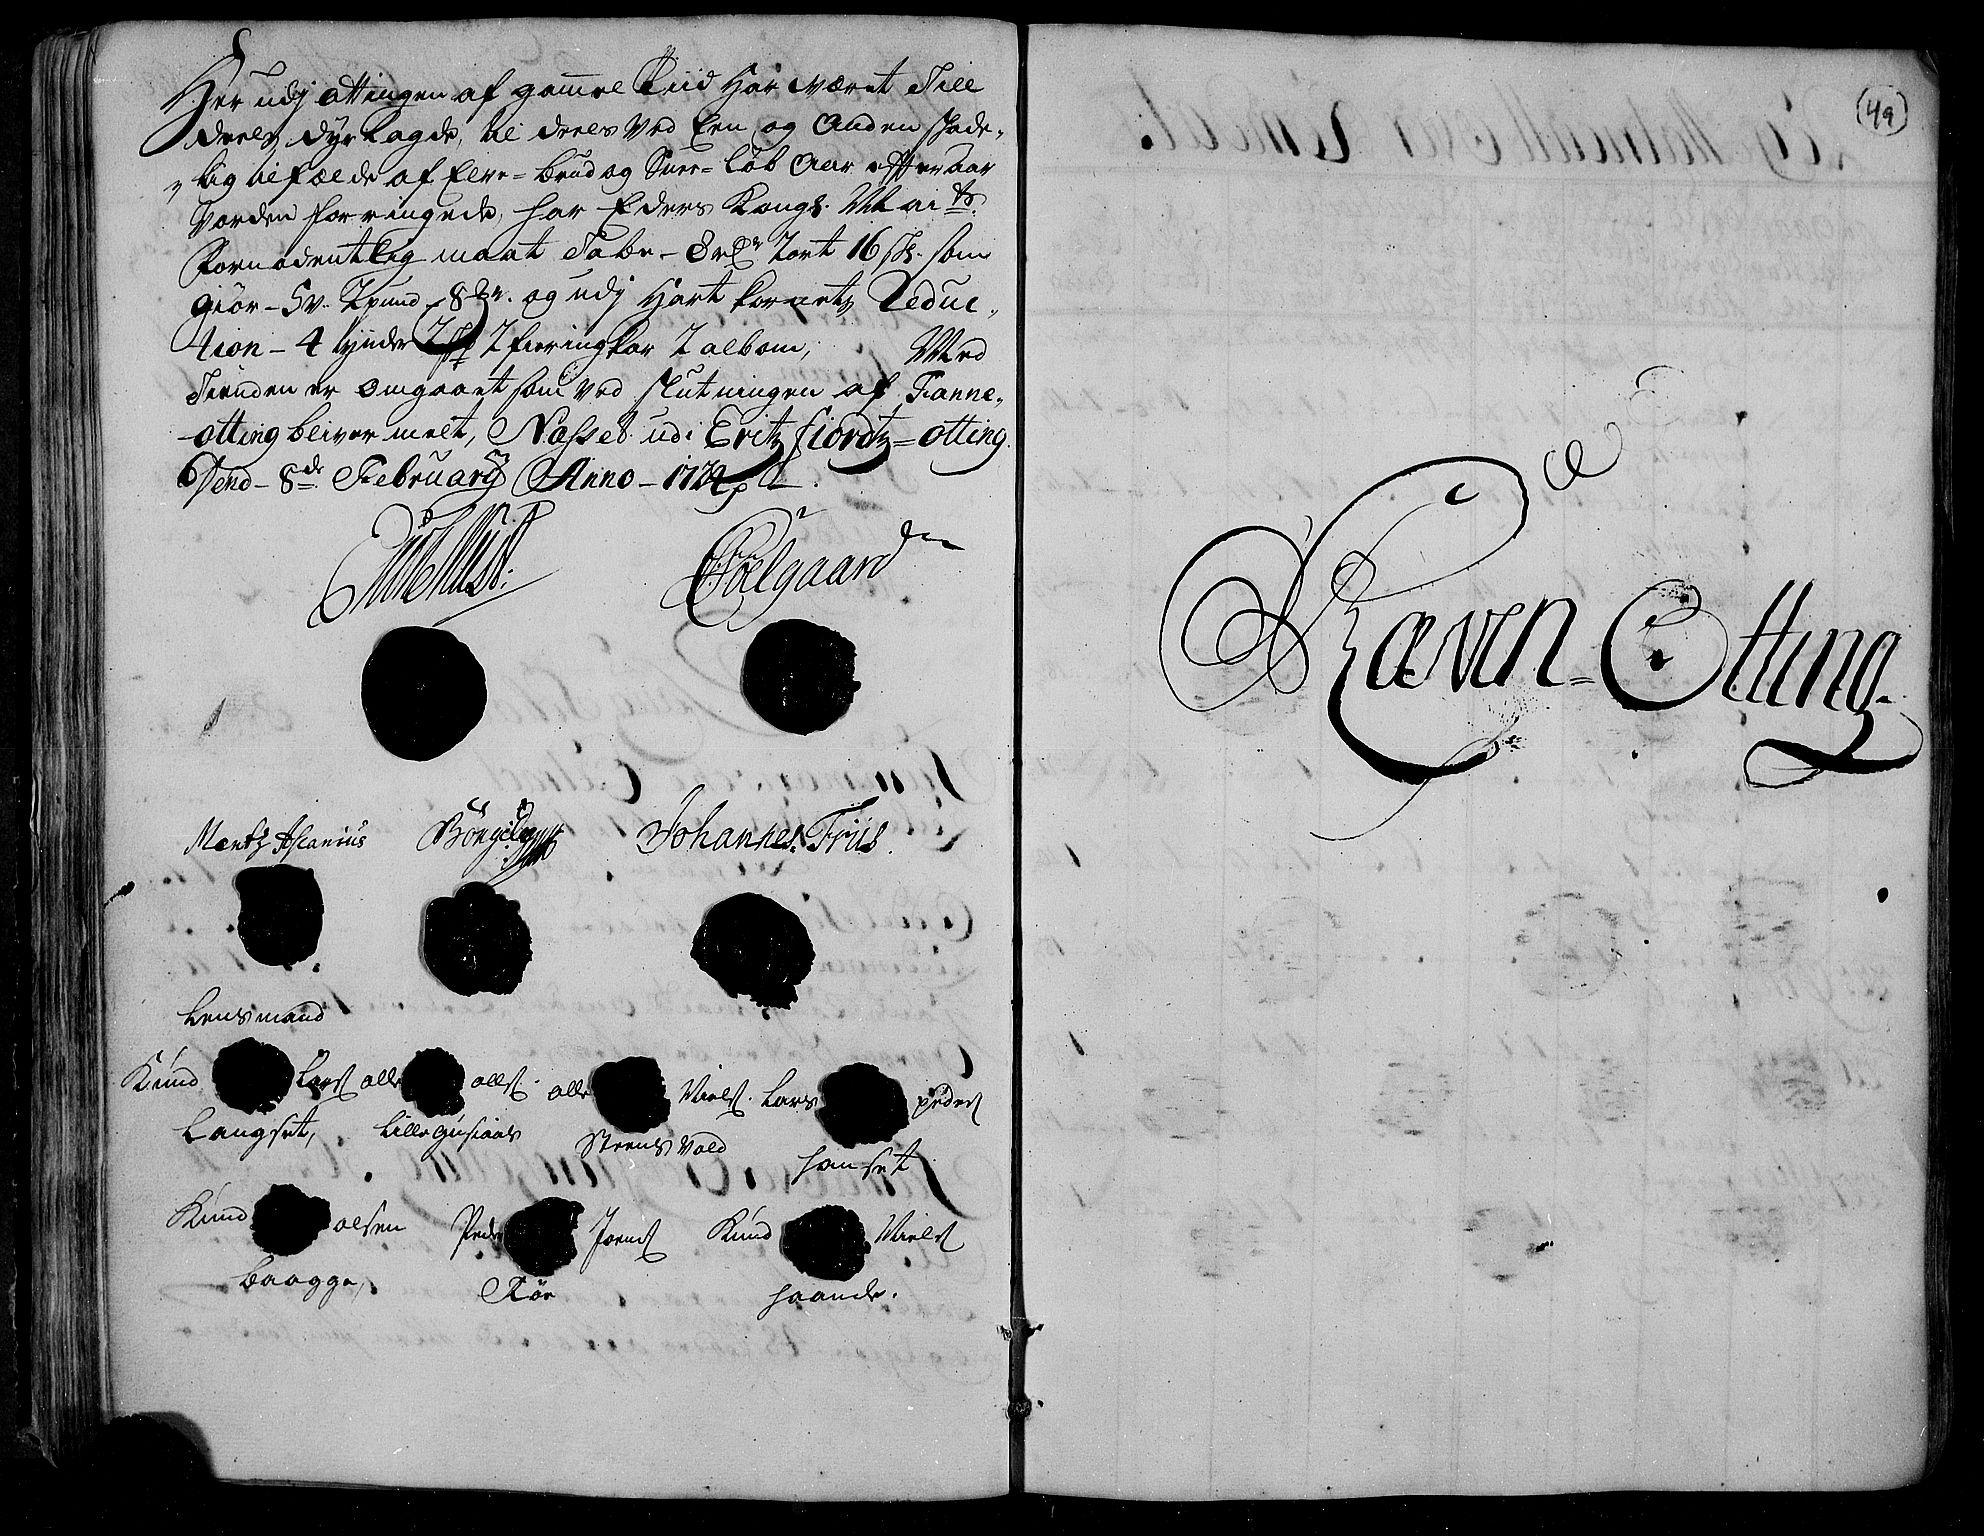 RA, Rentekammeret inntil 1814, Realistisk ordnet avdeling, N/Nb/Nbf/L0153: Romsdal matrikkelprotokoll, 1724, s. 48b-49a